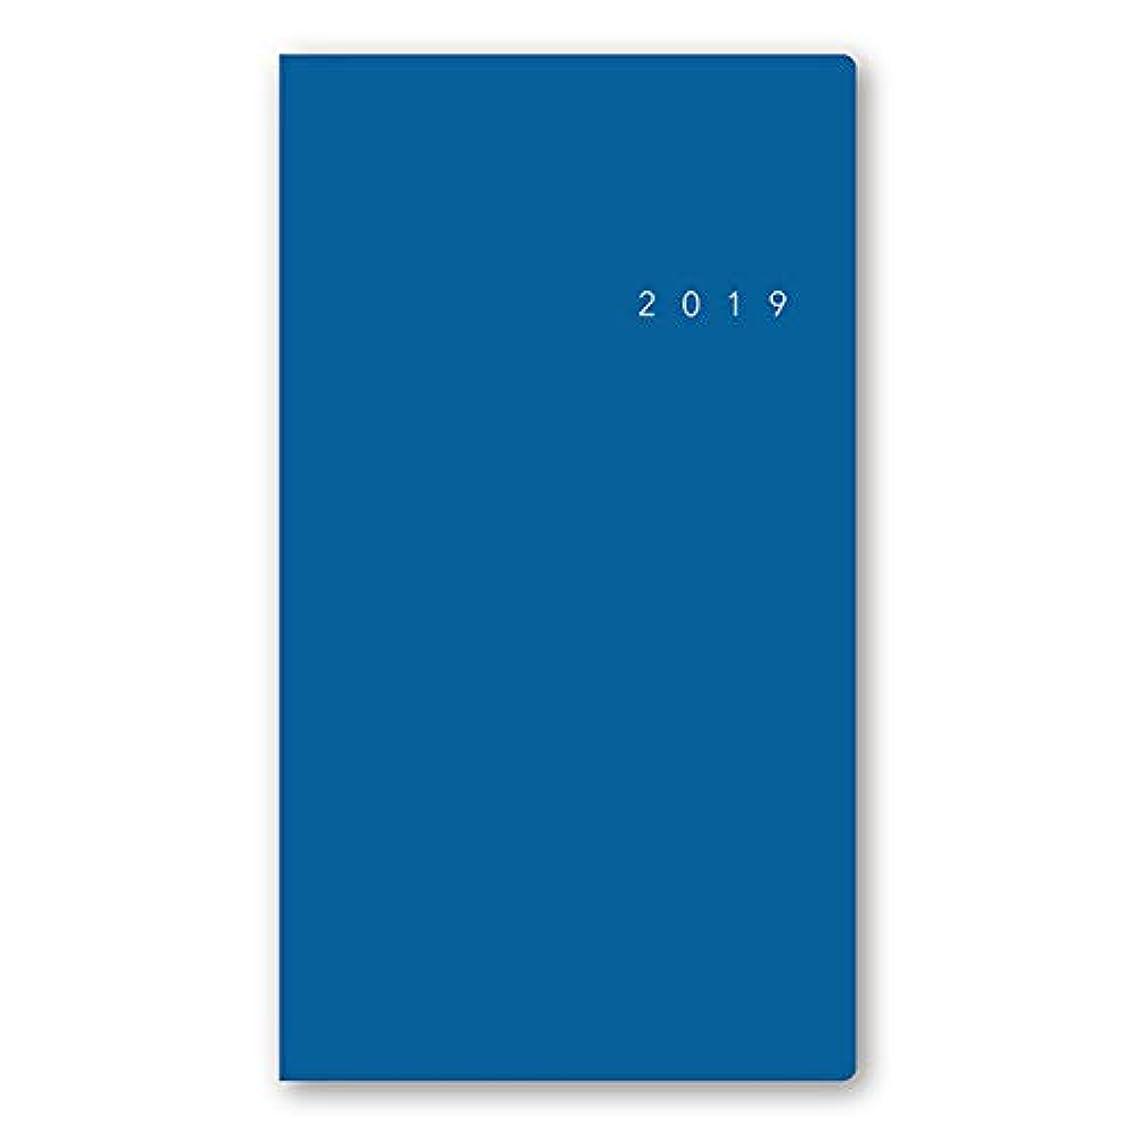 唯一昇るラグ【2019年】【能率協会】NOLTY リスティ1(デュエットブルー) 6500